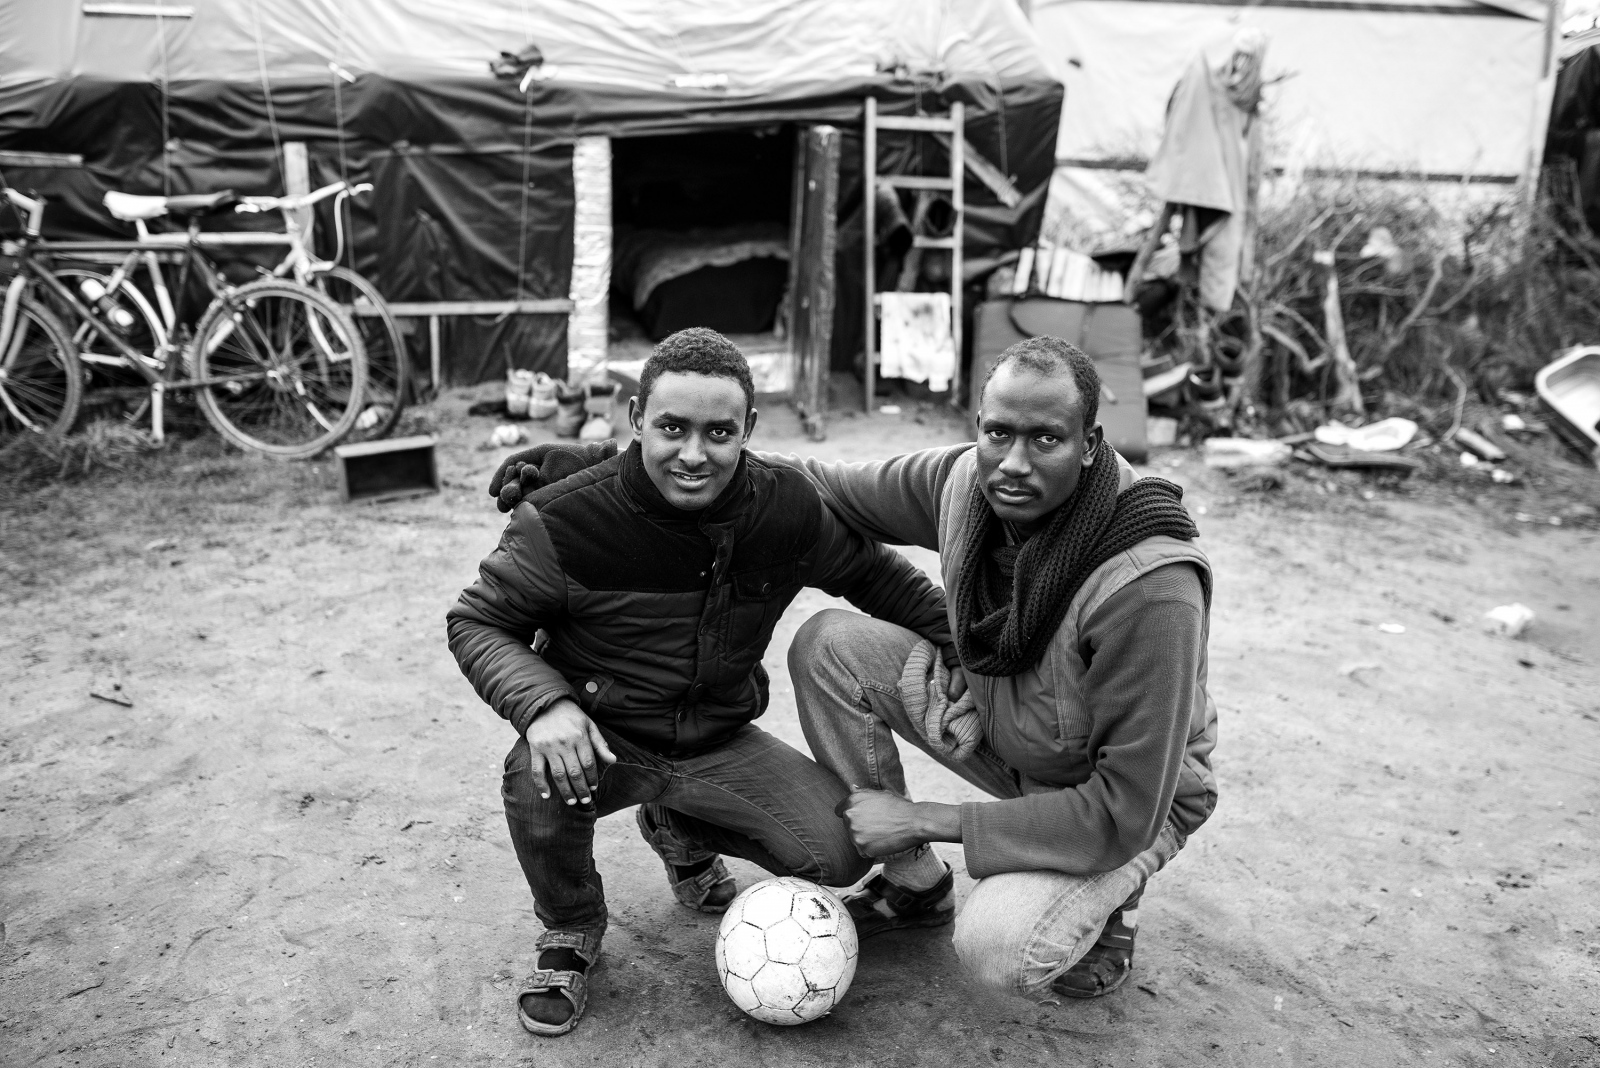 Art and Documentary Photography - Loading The_Zaghawa_of_Sudan_-_Maurizio_Martorana__15.jpg